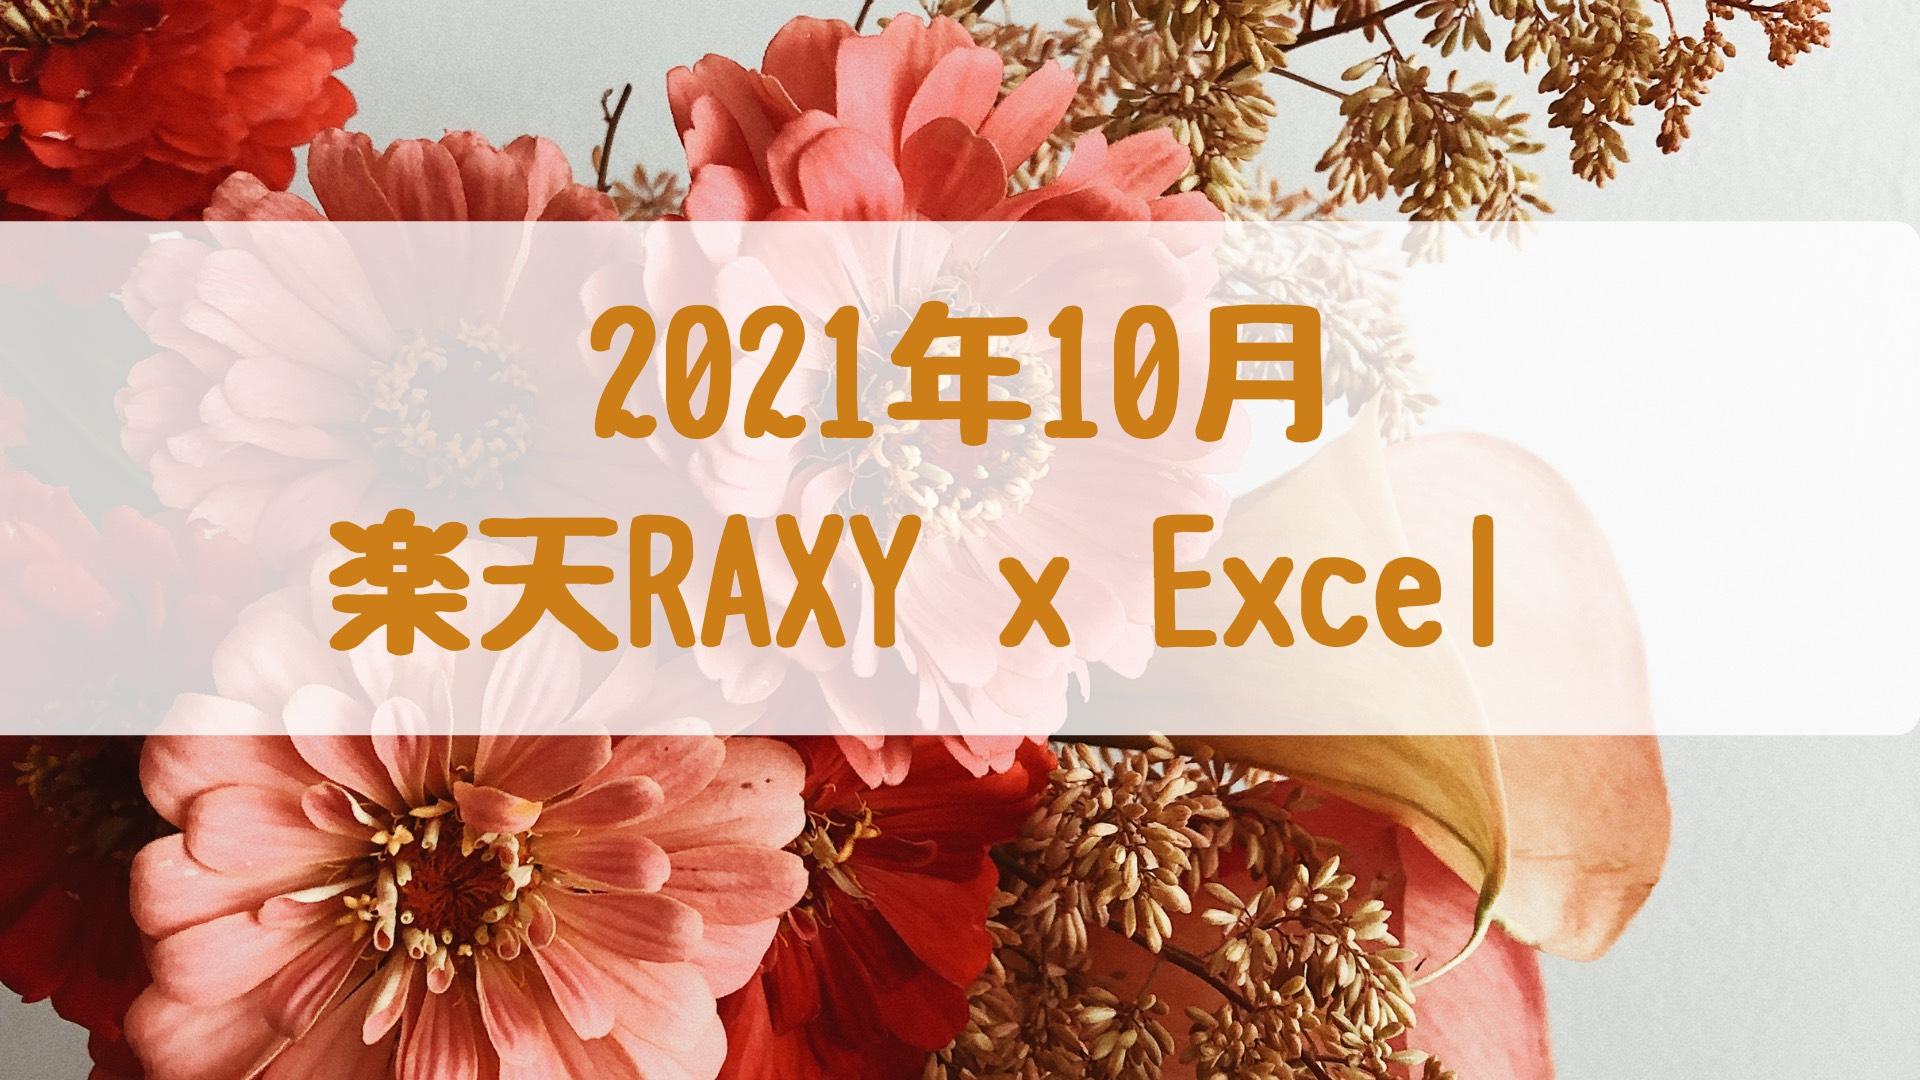 RAXY Excel